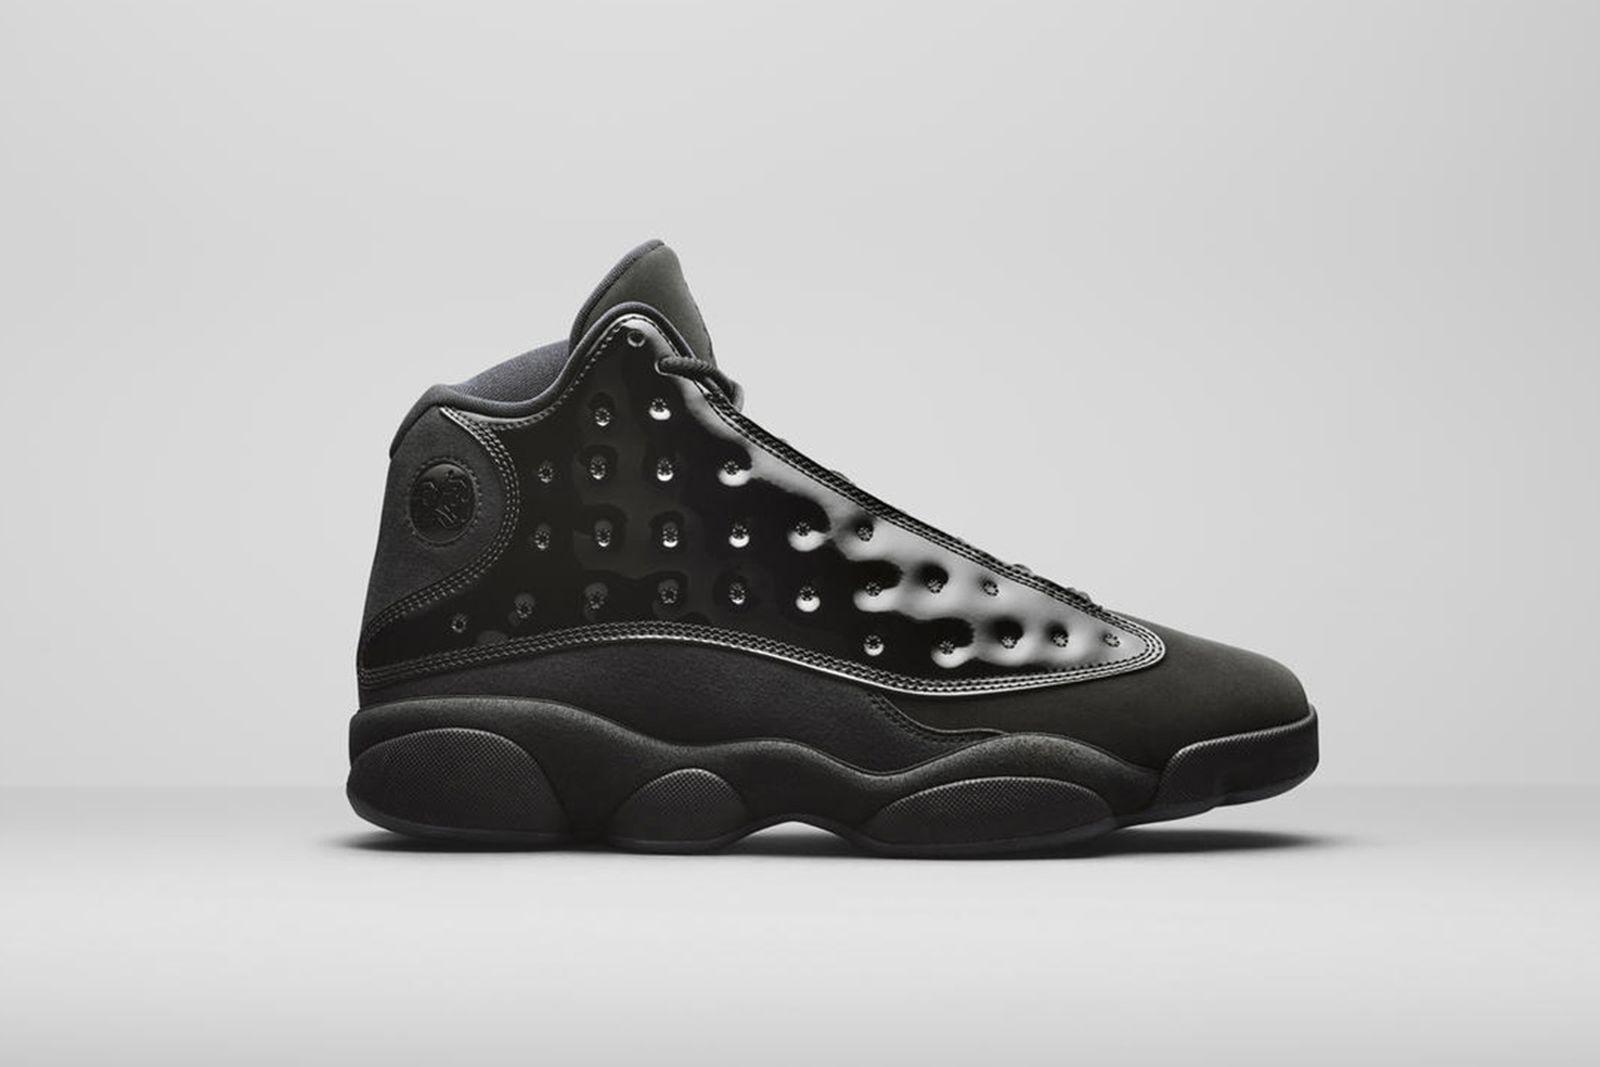 air jordan 13 cap and gown release date price Nike jordan brand